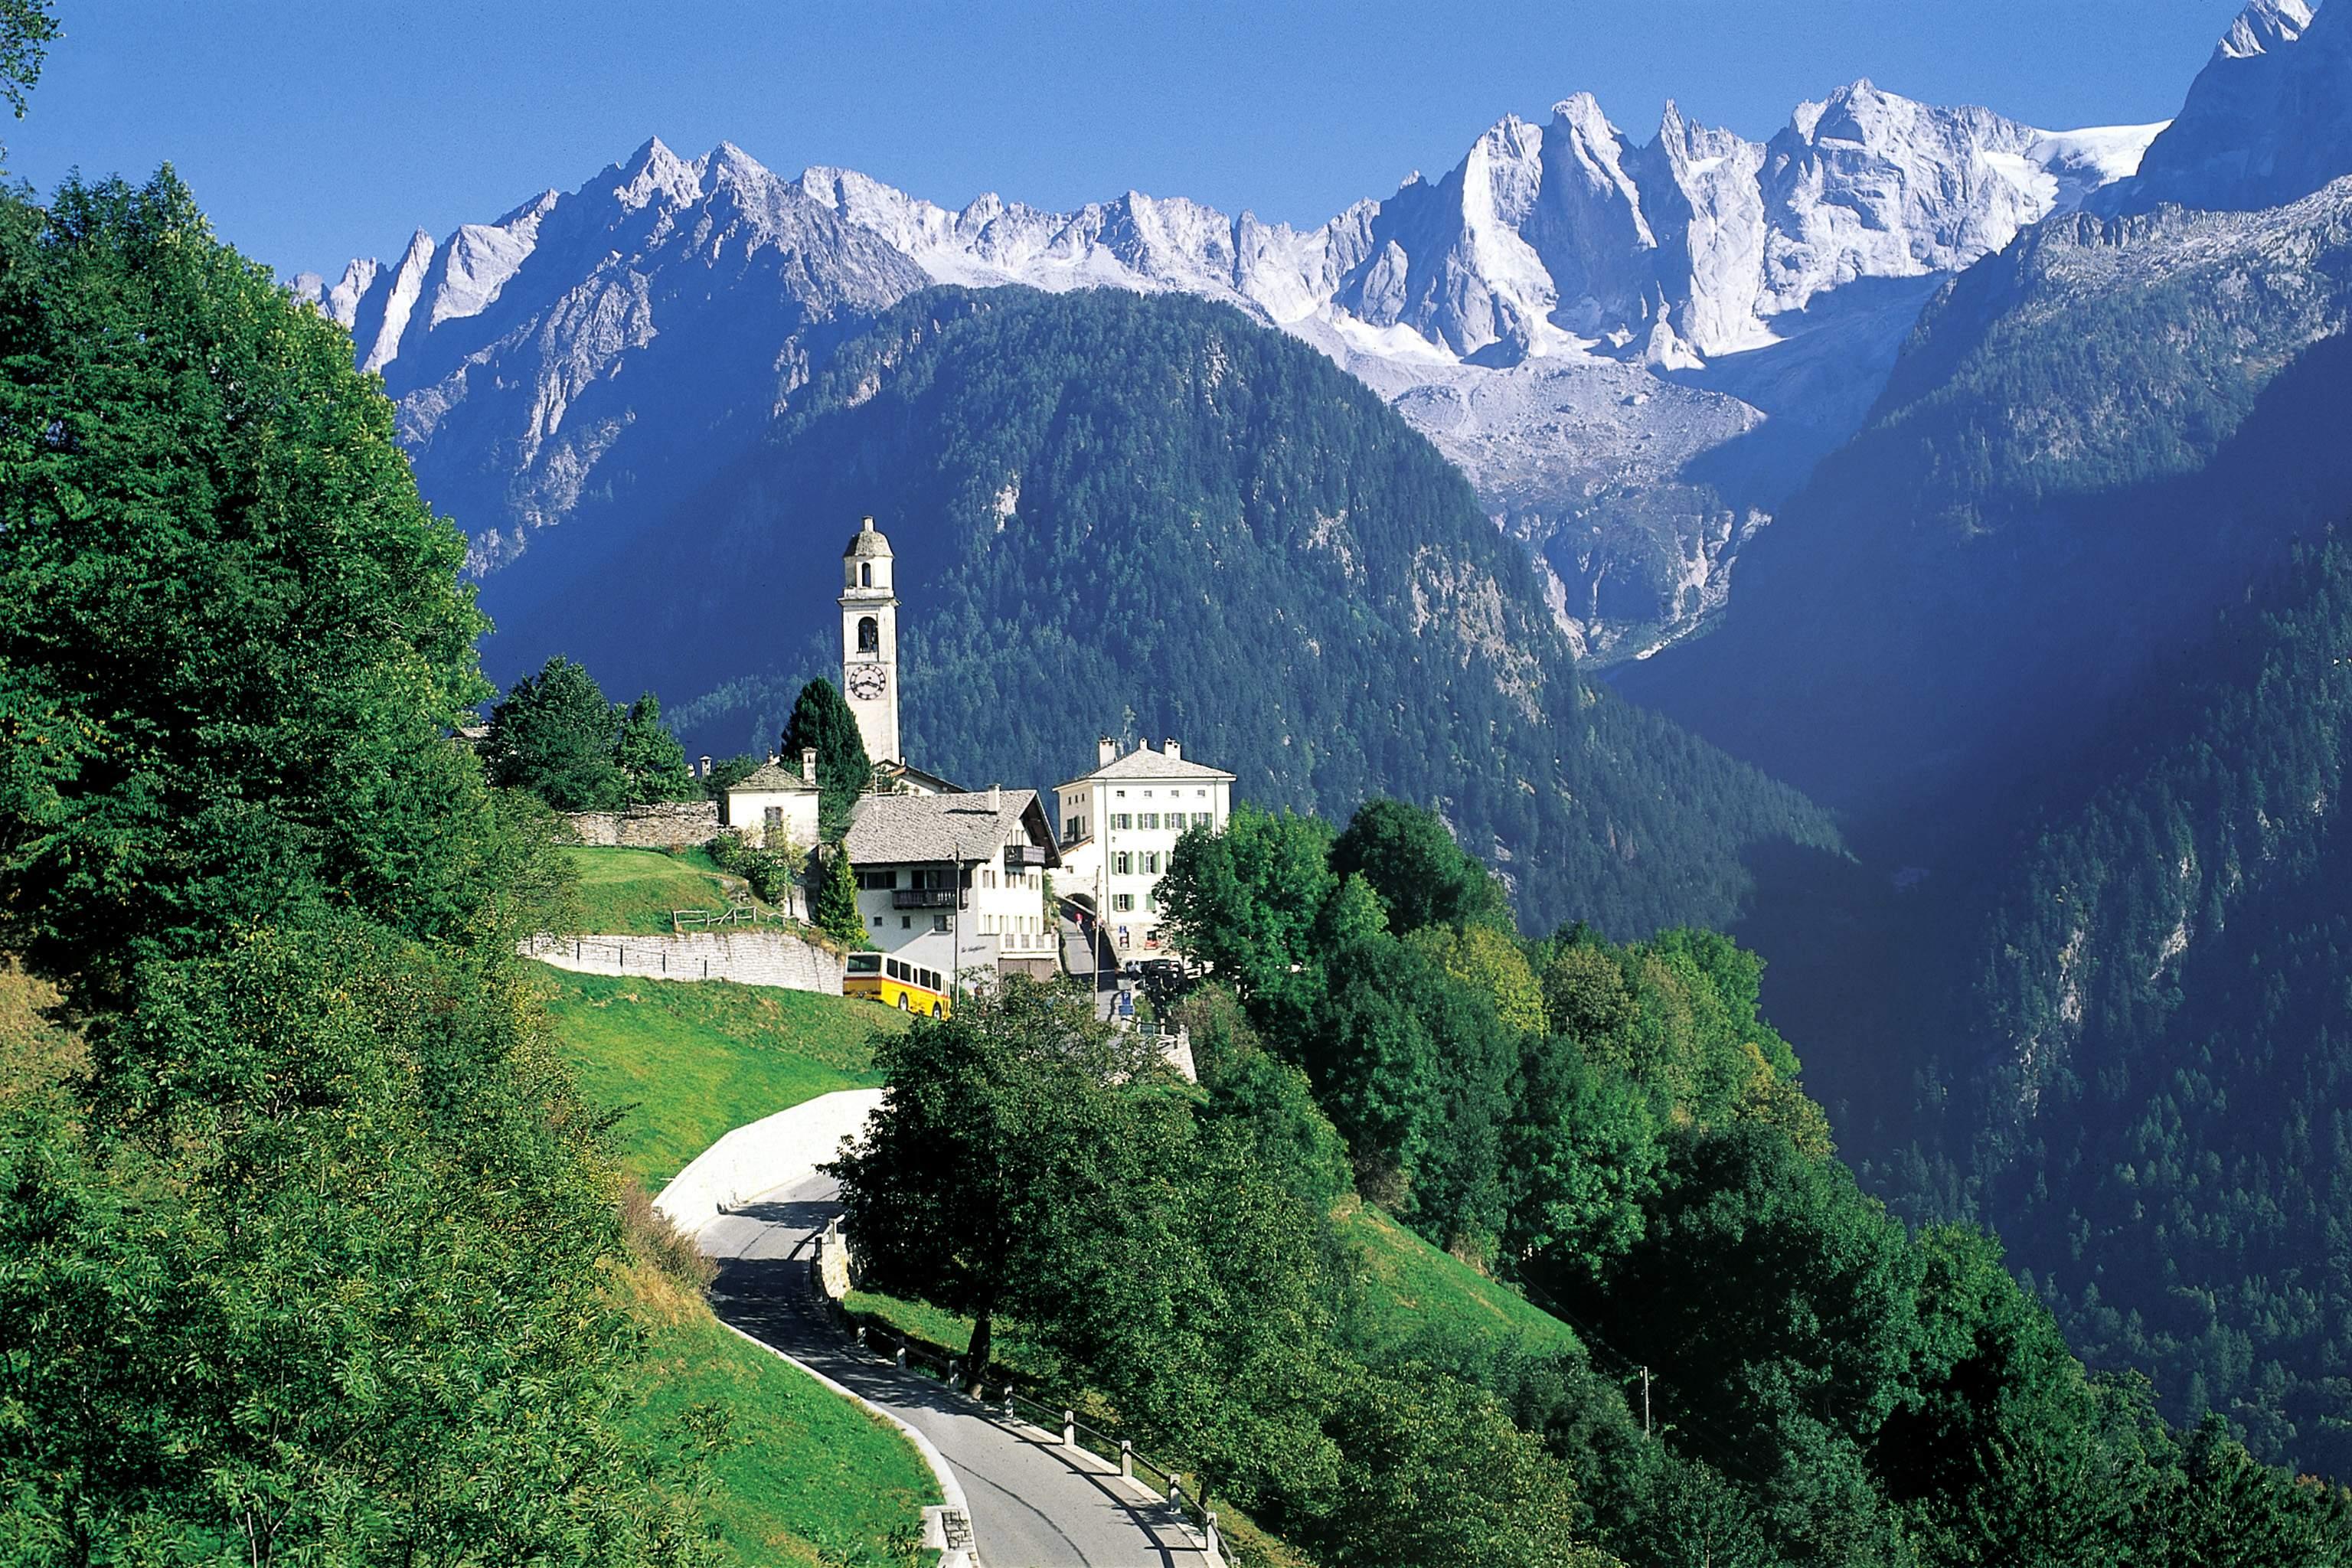 стоит путешествия по итальянским альпам летом фото первую очередь